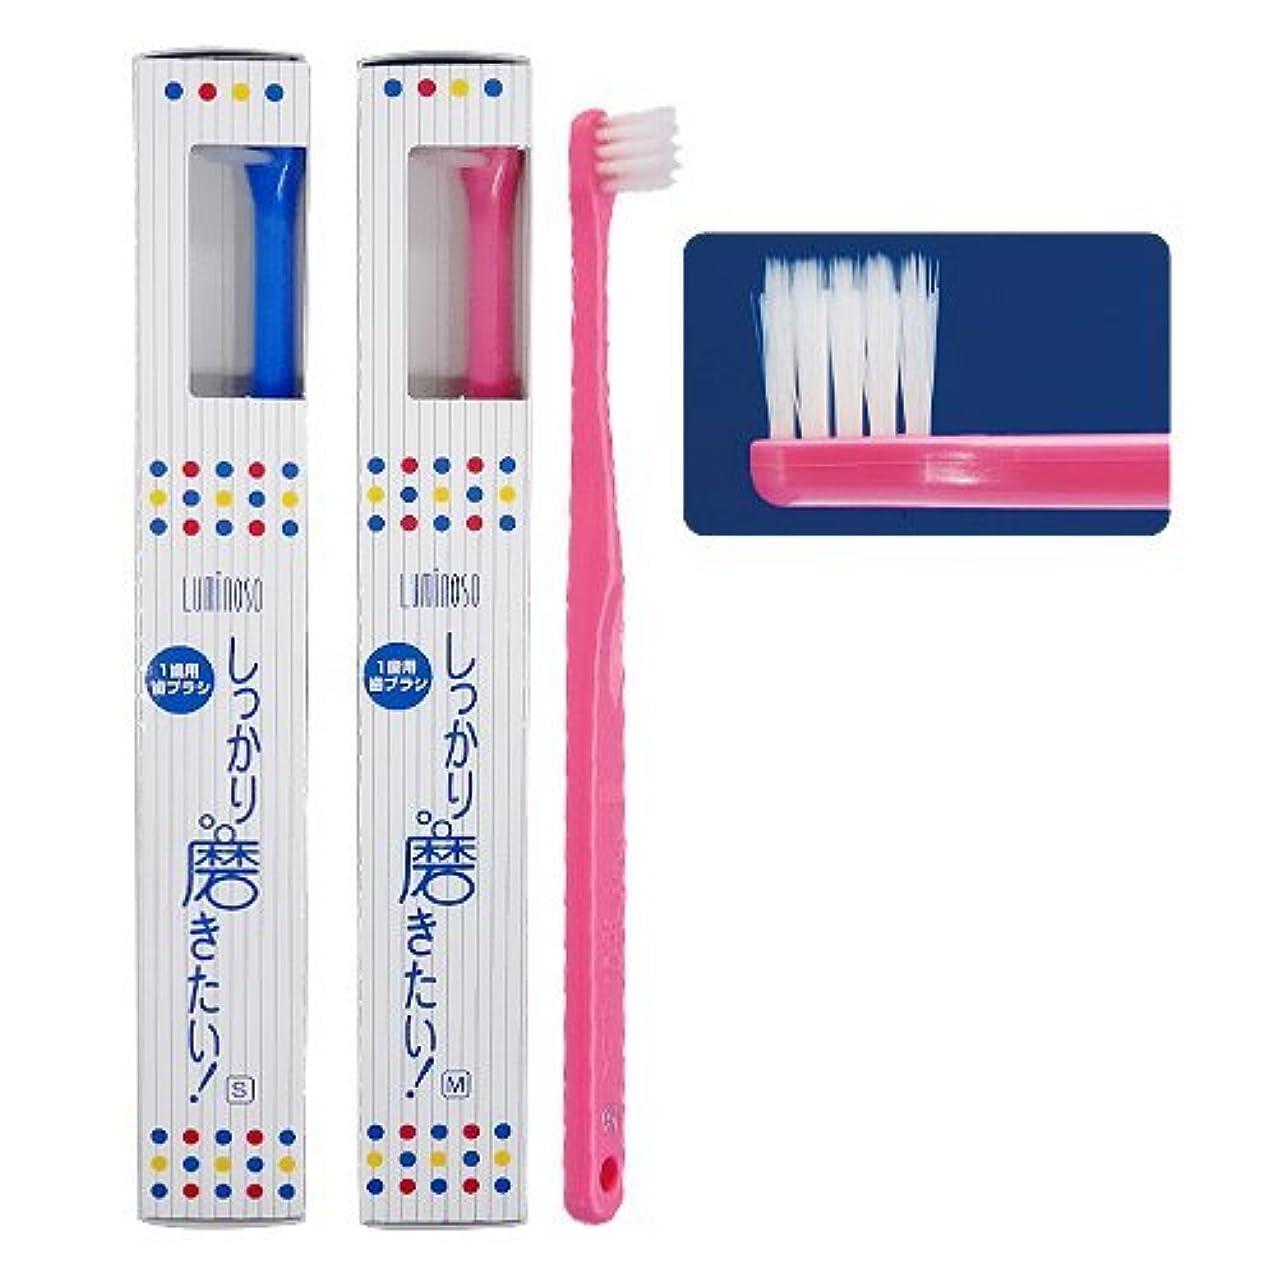 必要ない読み書きのできない防衛ルミノソ 1歯用歯ブラシ「しっかり磨きたい!」スタンダード ミディアム (カラー指定不可) 3本